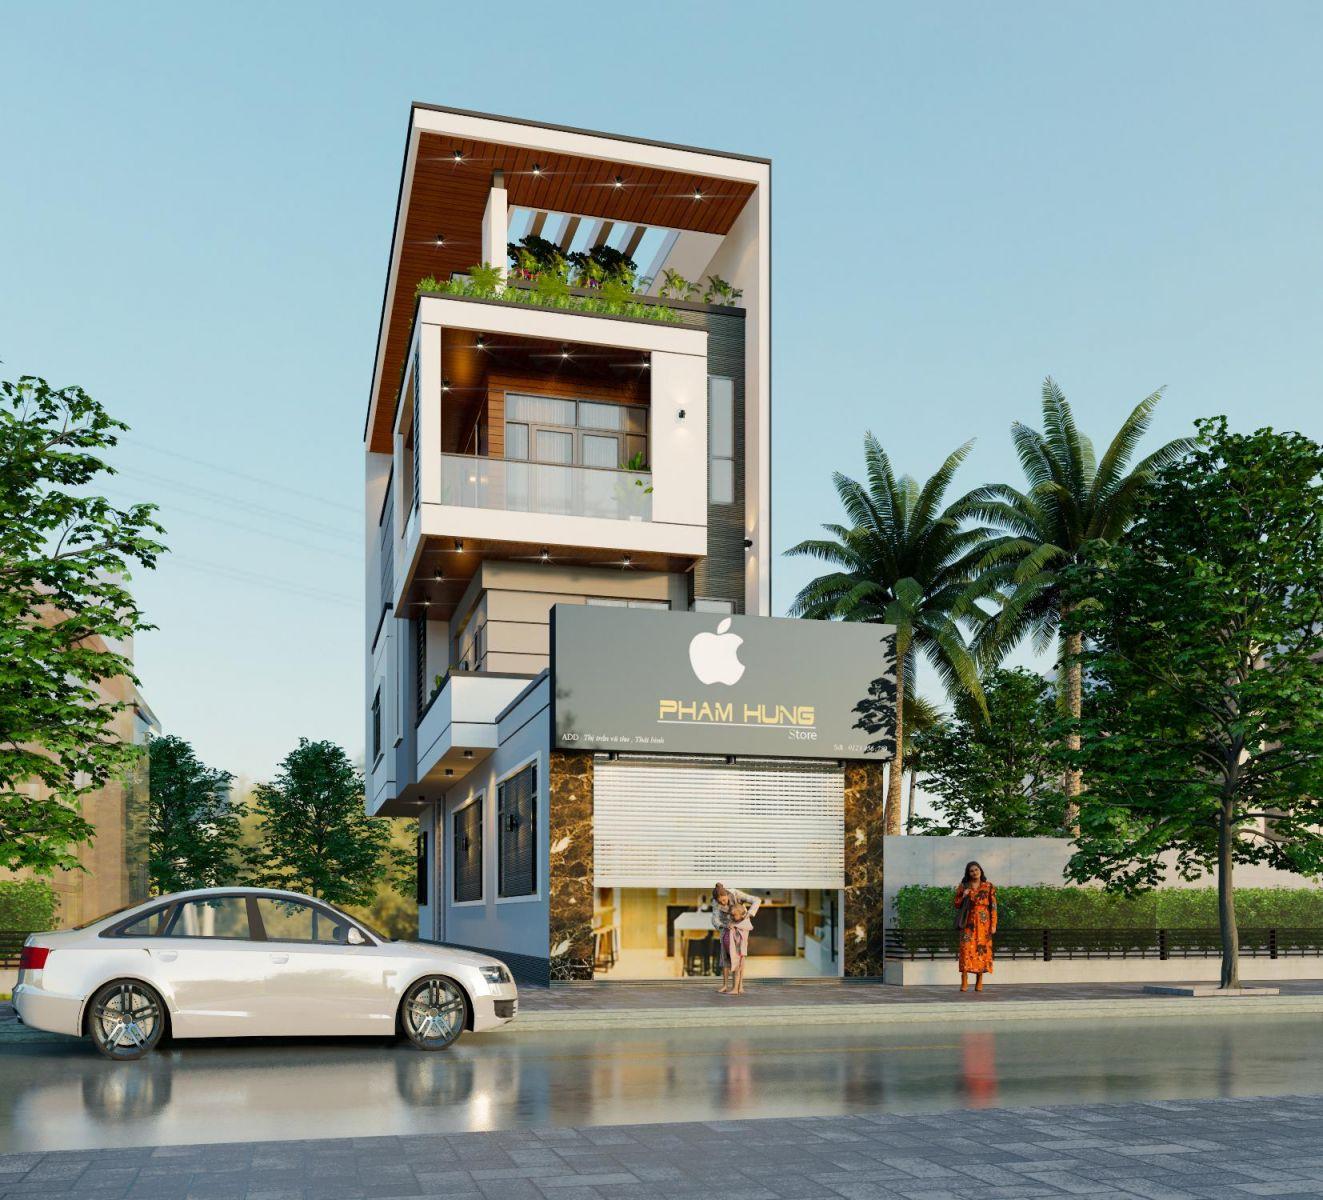 Thiết kế nhà phố hiện đại tại Vũ Thư, Thái Bình